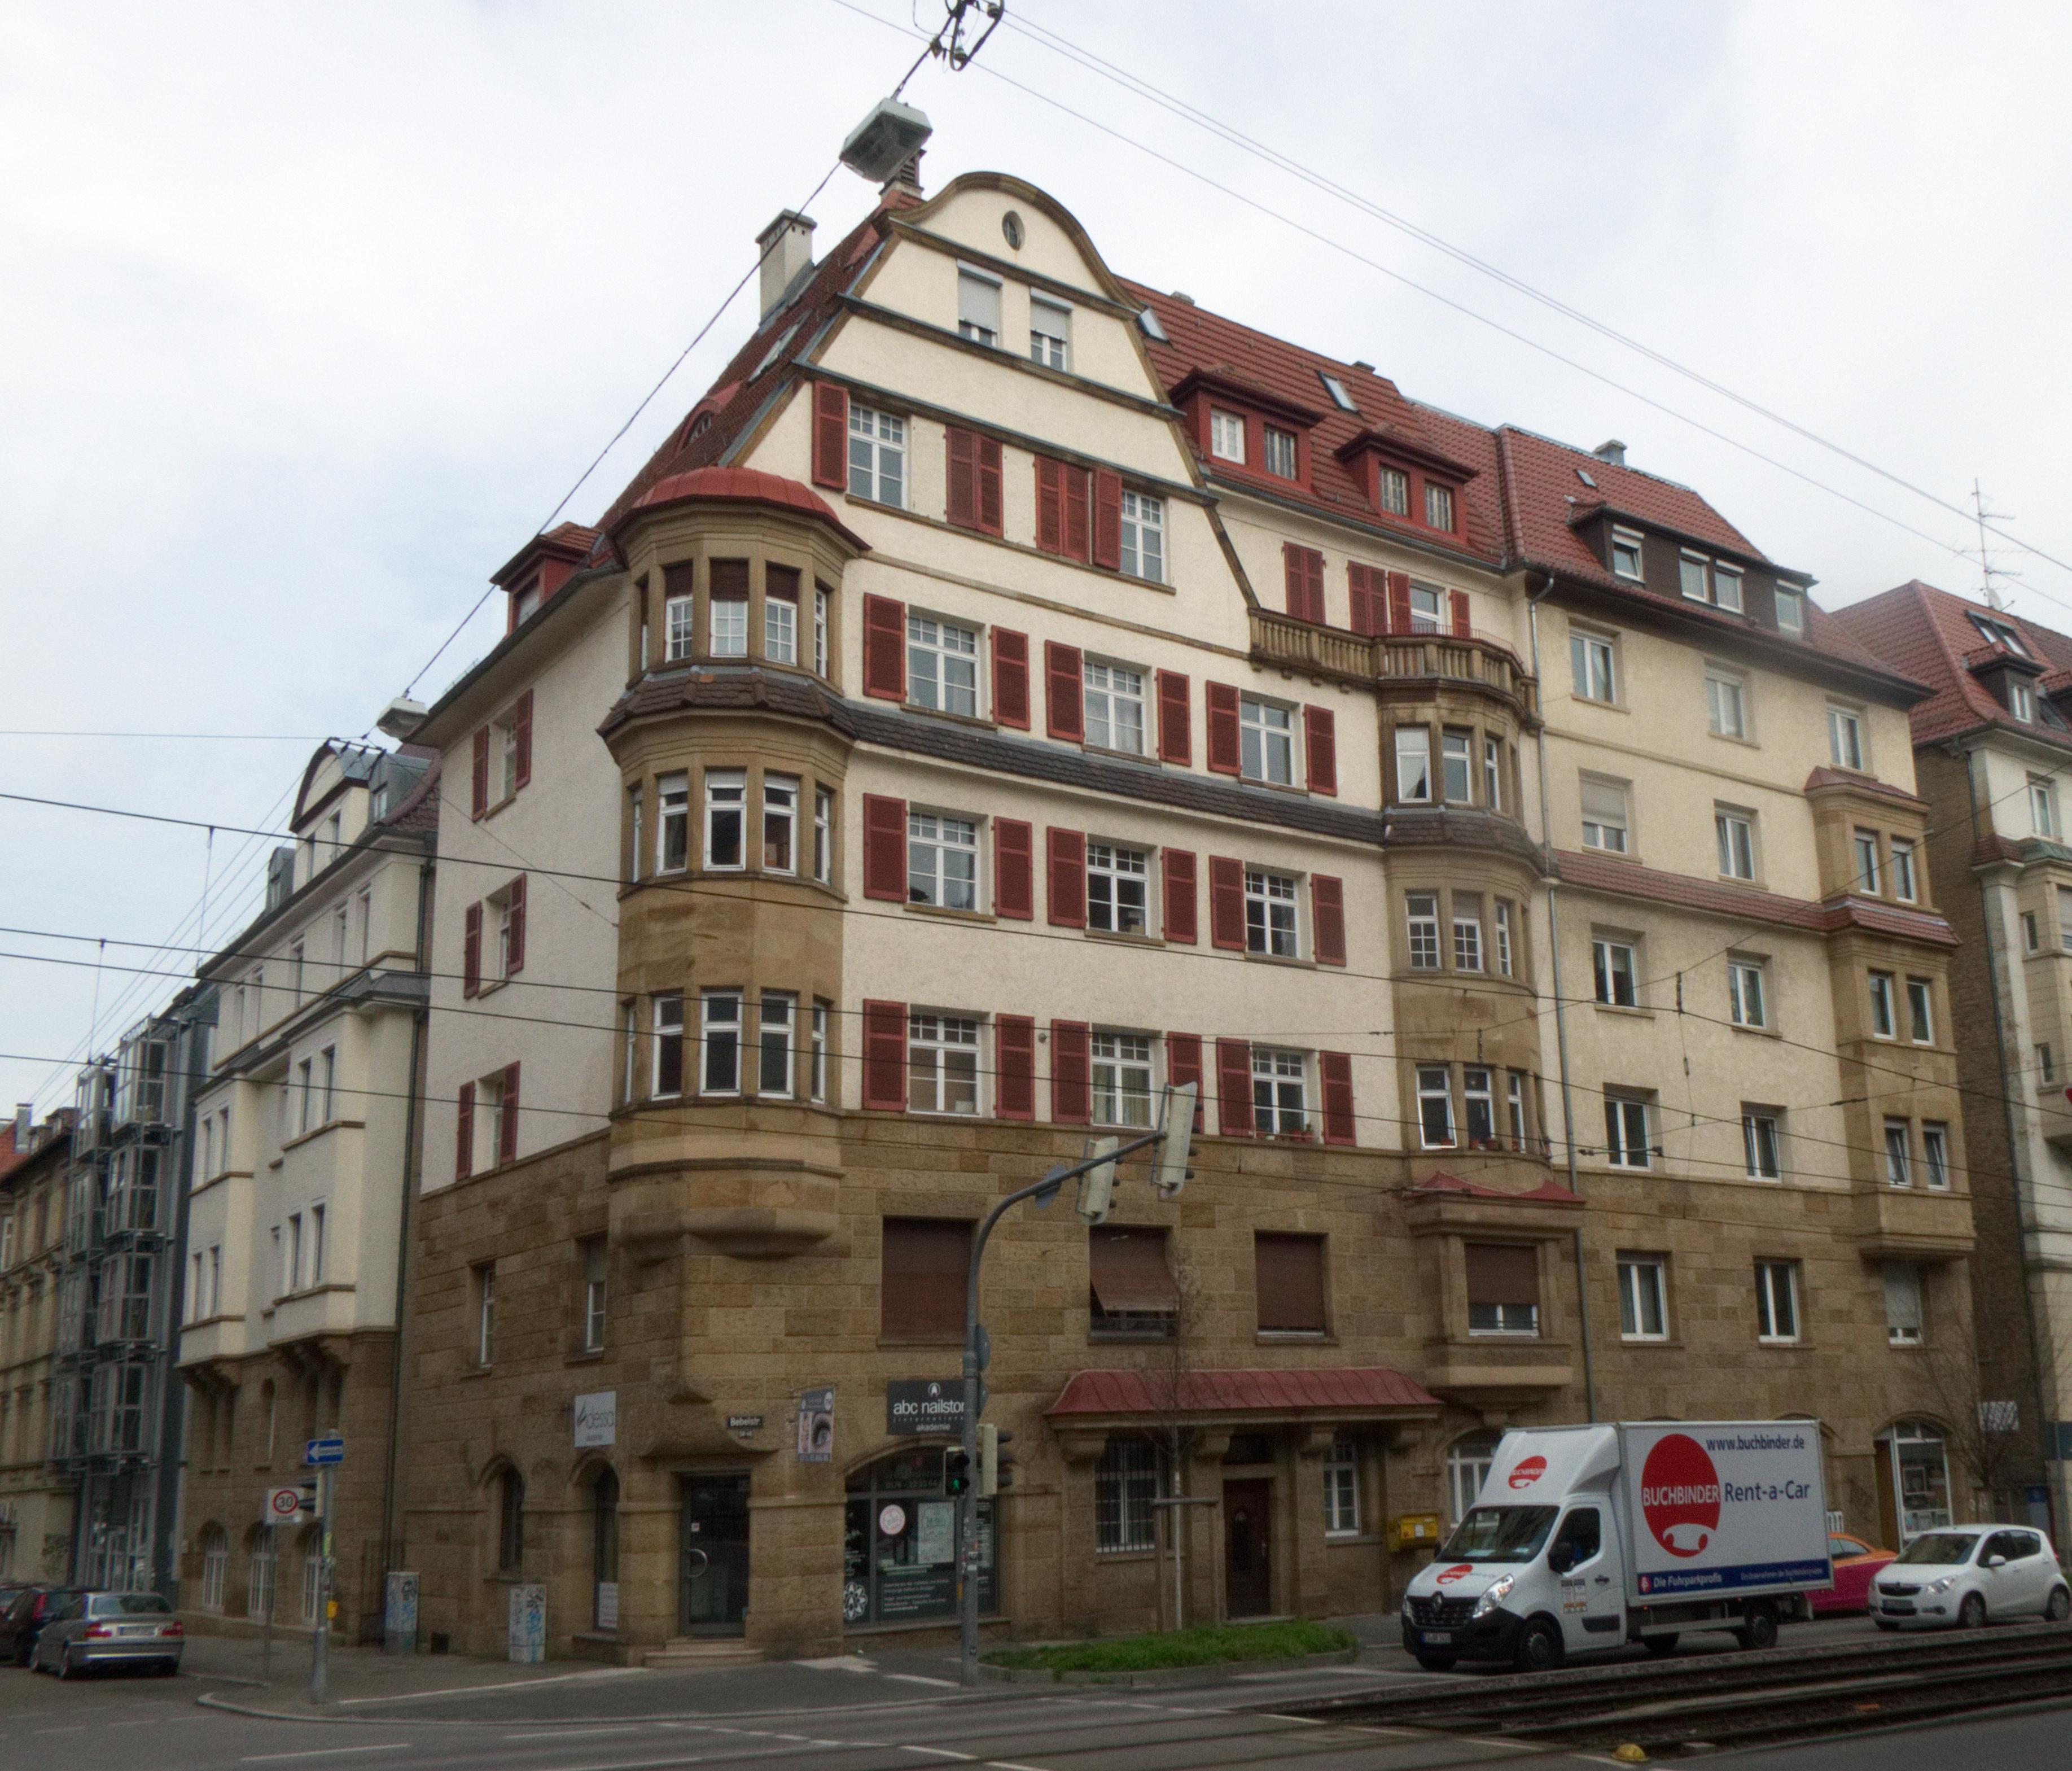 Bebelstraße 57 Stuttgart